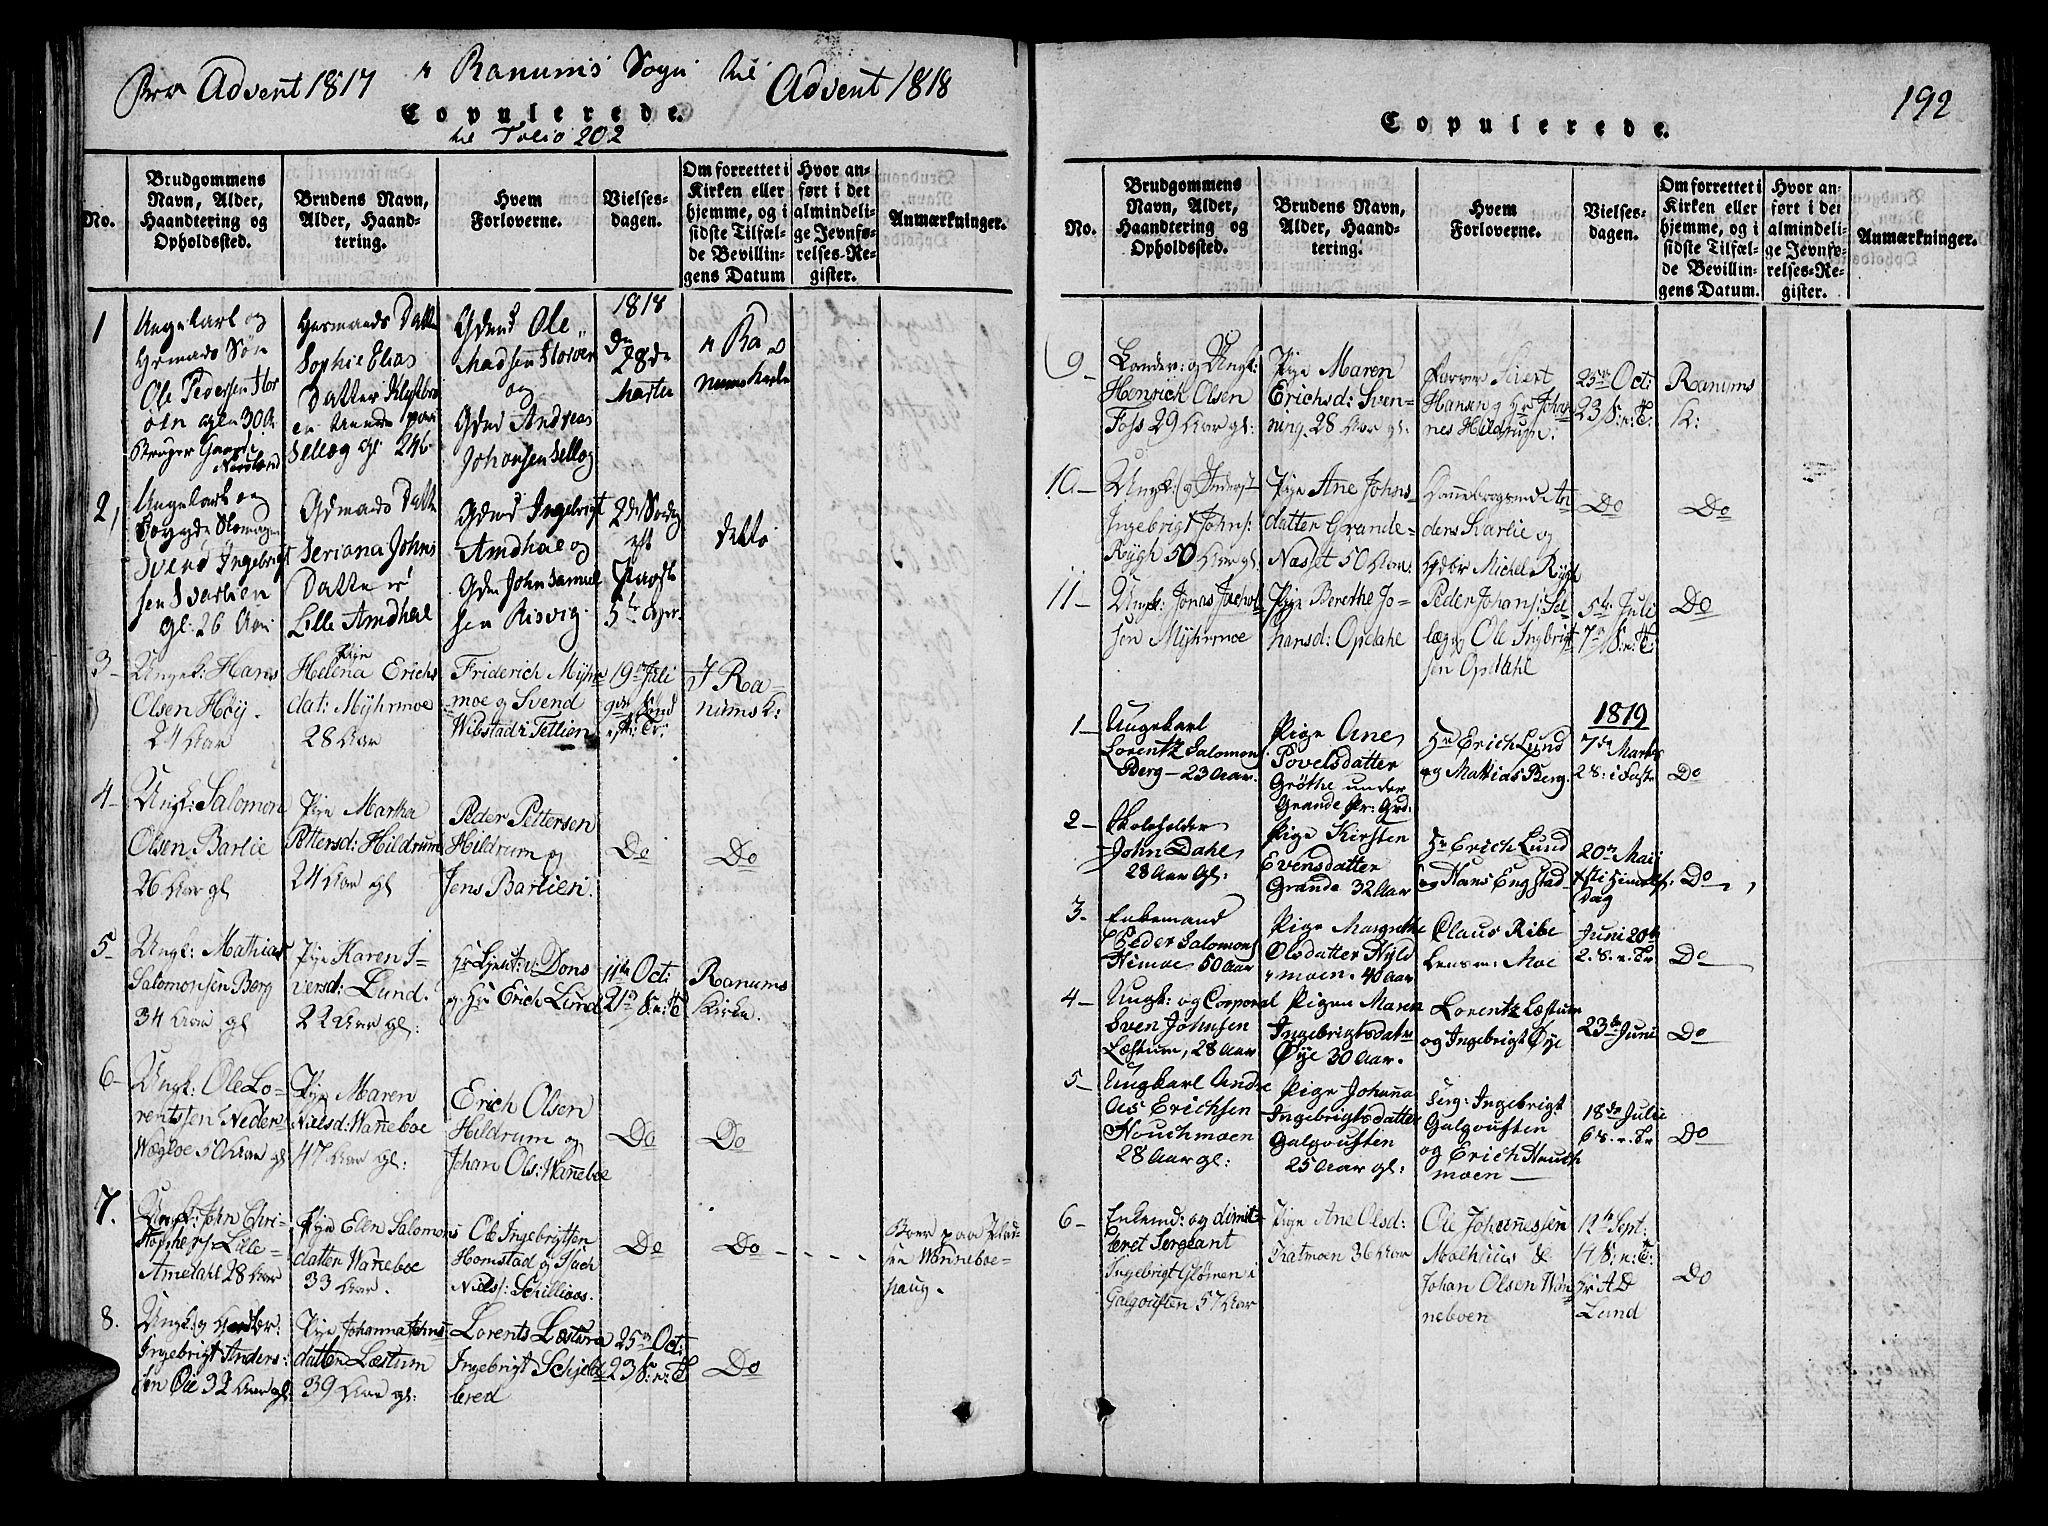 SAT, Ministerialprotokoller, klokkerbøker og fødselsregistre - Nord-Trøndelag, 764/L0546: Ministerialbok nr. 764A06 /1, 1816-1823, s. 192